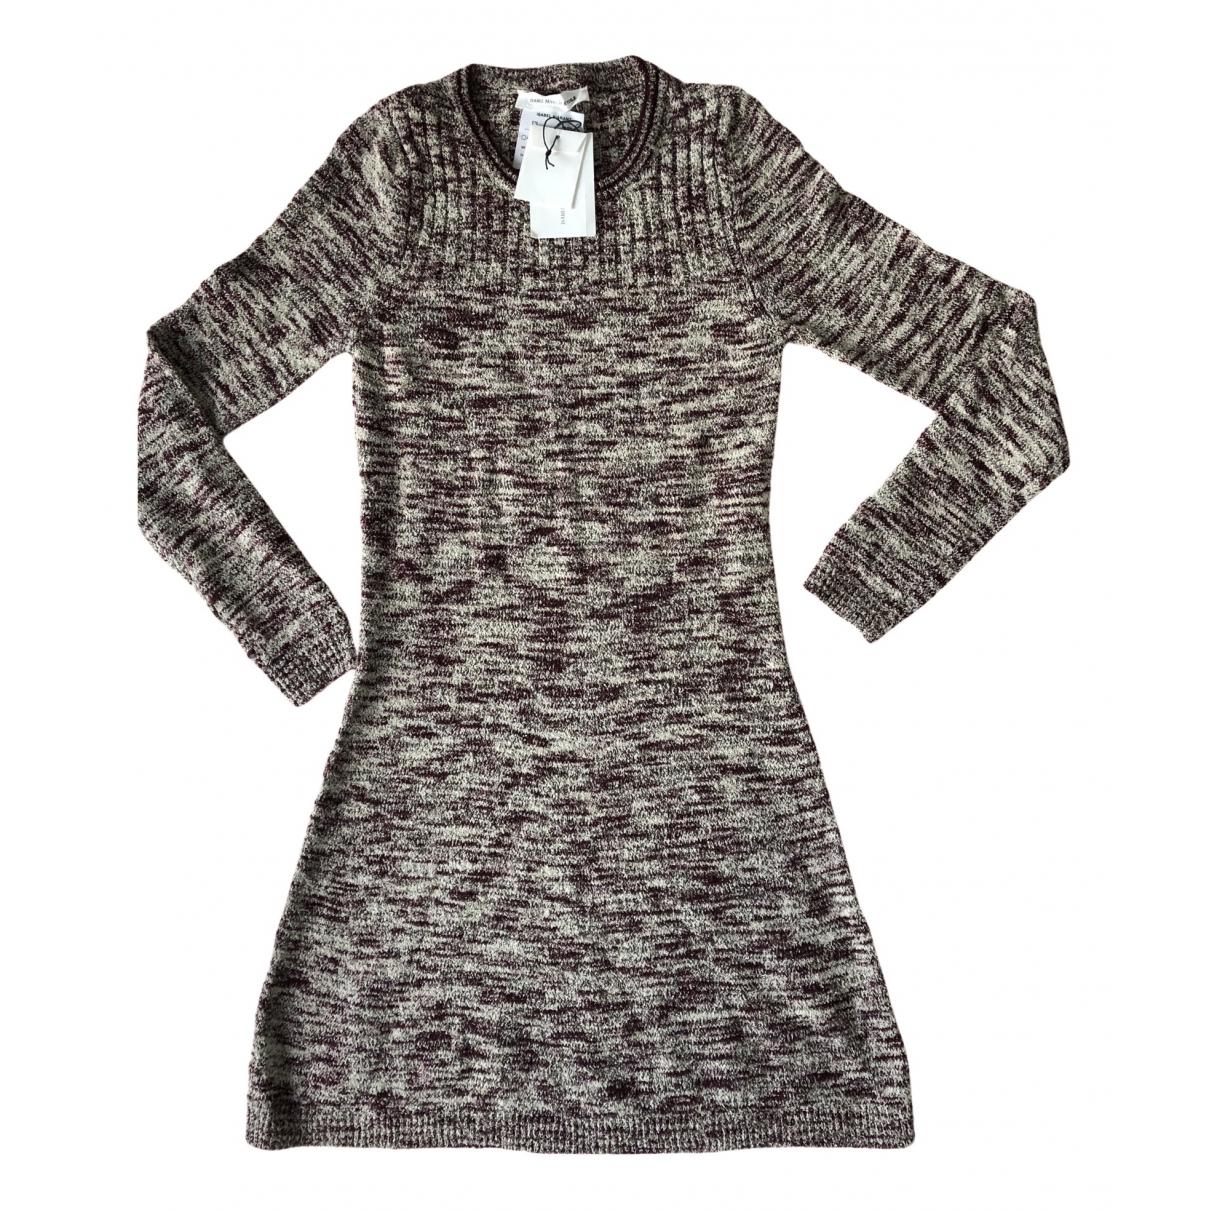 Isabel Marant Etoile N Multicolour dress for Women 38 FR